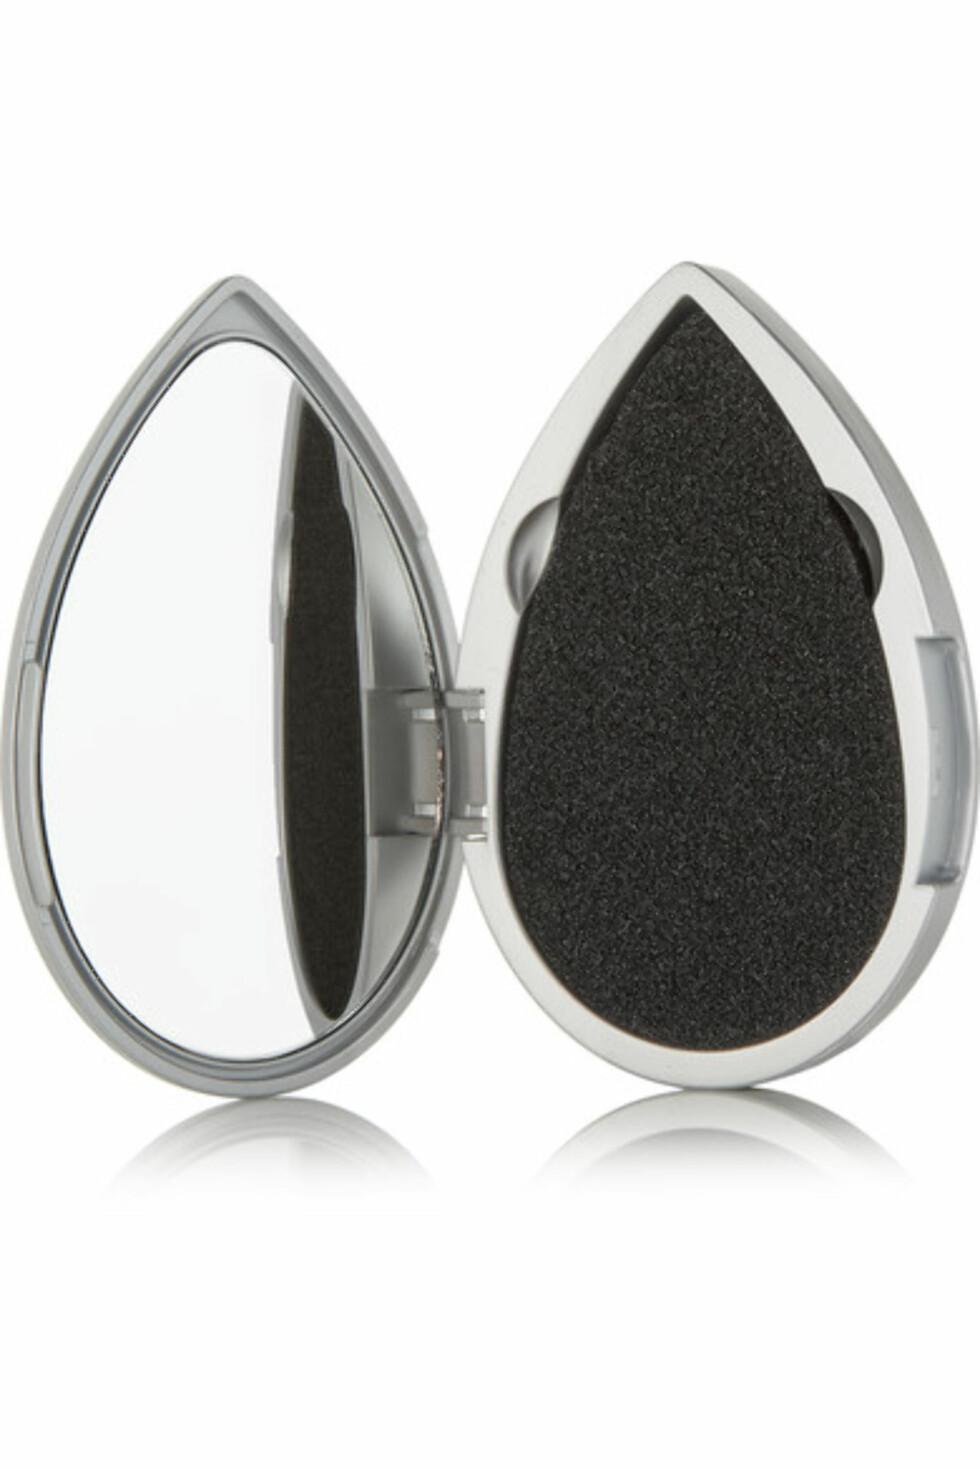 Beautyblender |195,-| https://www.net-a-porter.com/no/en/product/798273/beautyblender/blotterazzi-pro